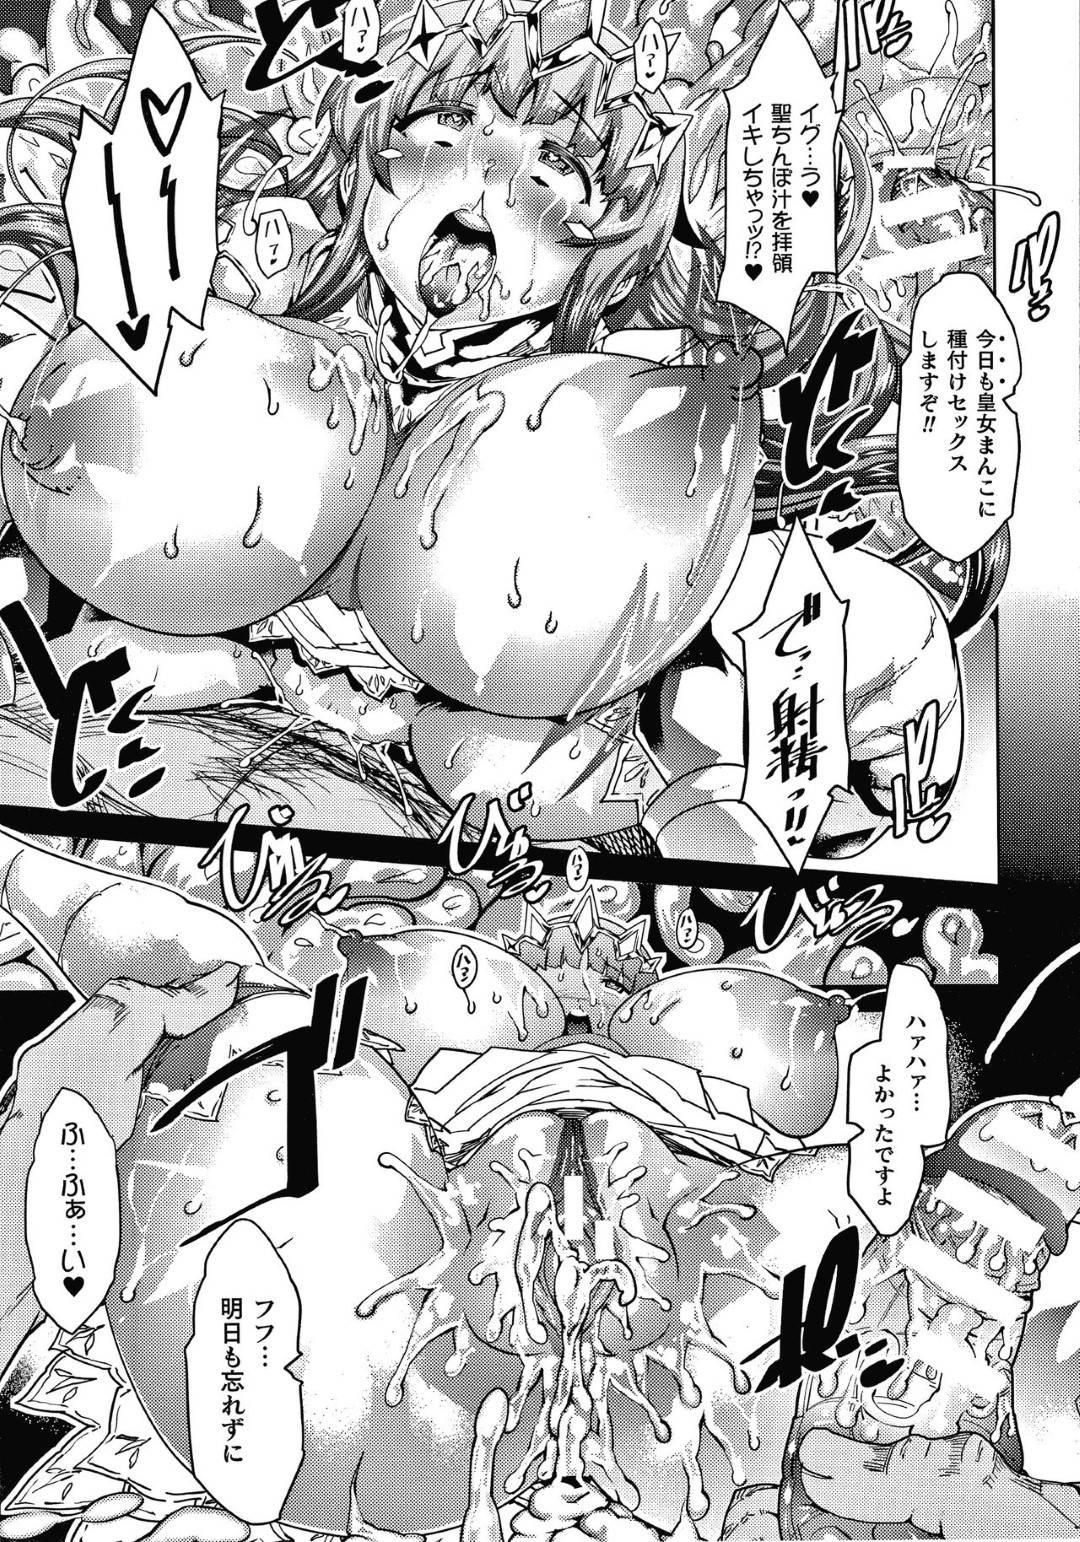 【エロ漫画】司教に催眠をかけられ犯される王妃…生ハメ乱交レイプで二穴掘られて感じまくり精液まみれで快楽堕ち!【あまぎみちひと:傾国の兆】